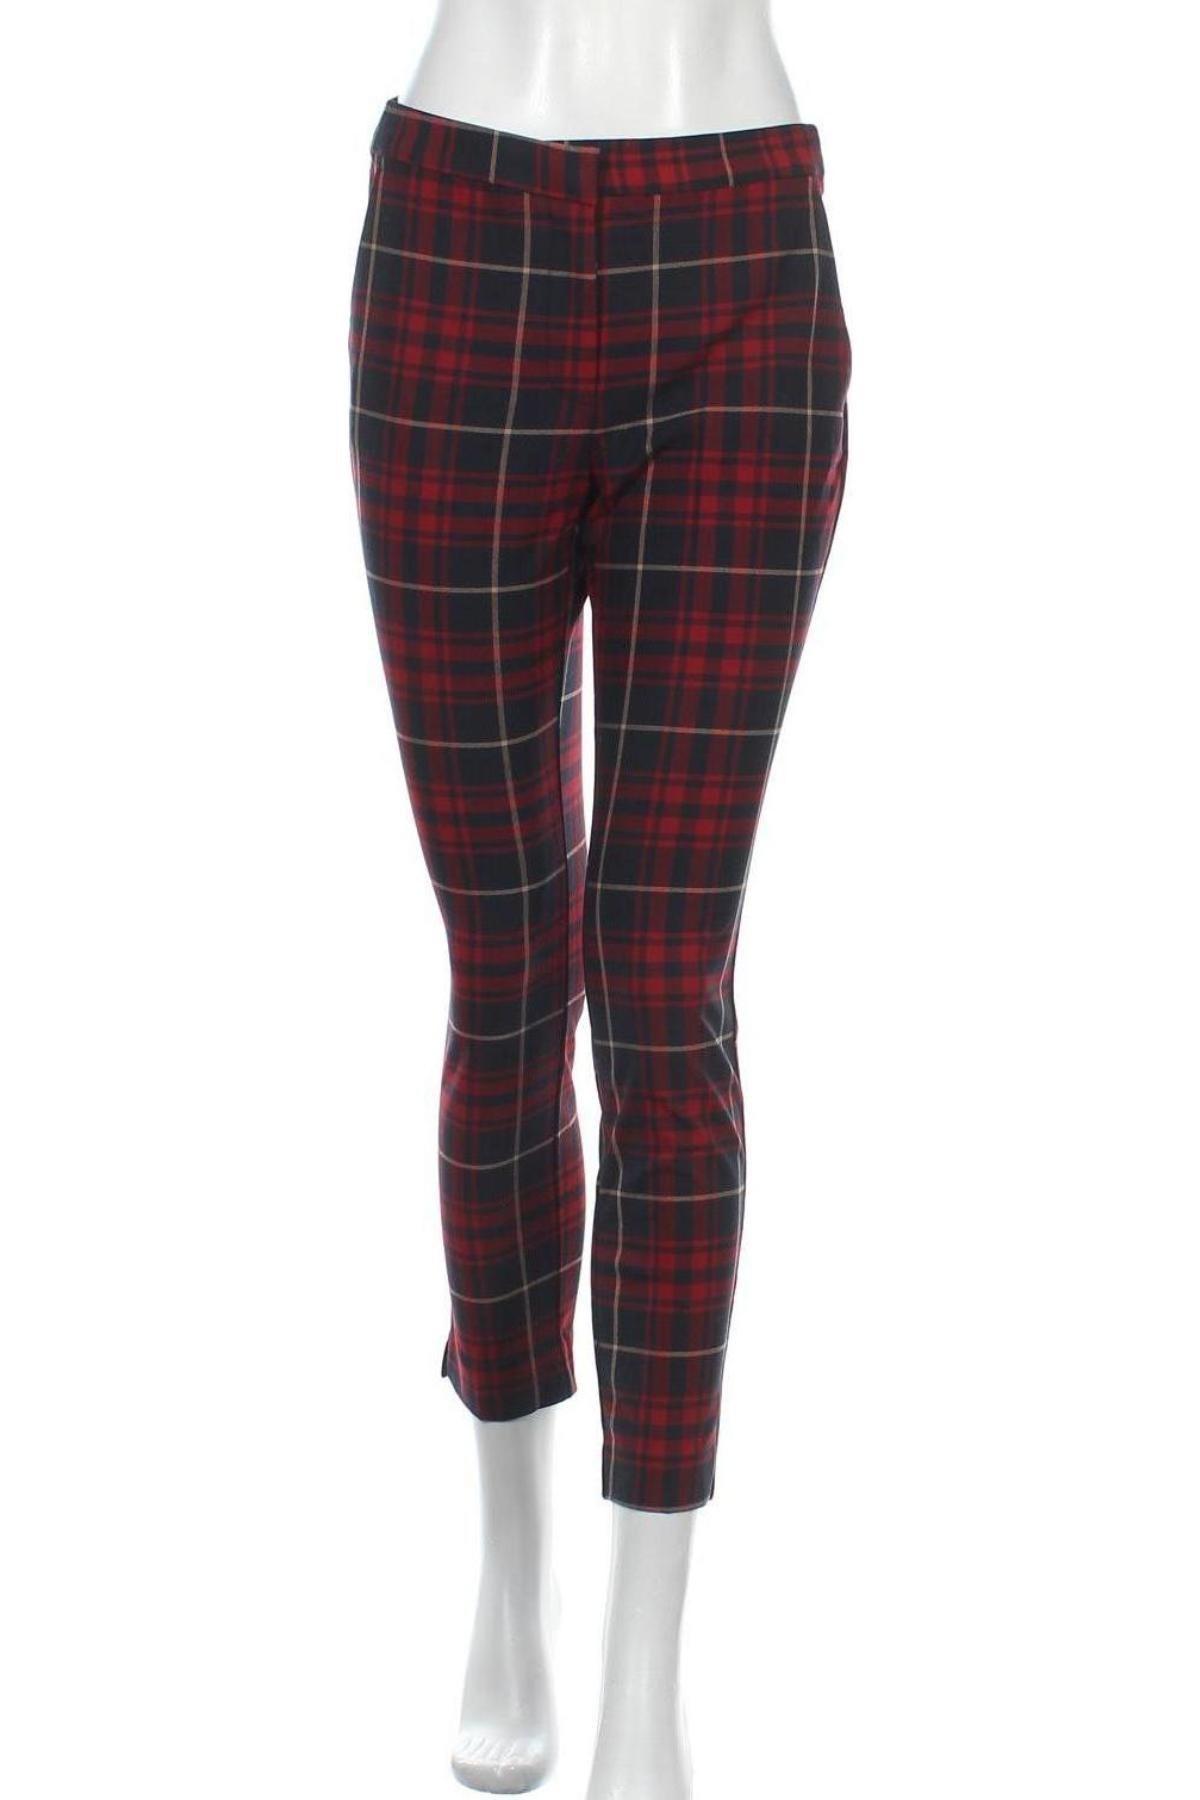 Γυναικείο παντελόνι Zara, Μέγεθος M, Χρώμα Πολύχρωμο, 66% πολυεστέρας, 30% βισκόζη, 4% ελαστάνη, Τιμή 23,97€